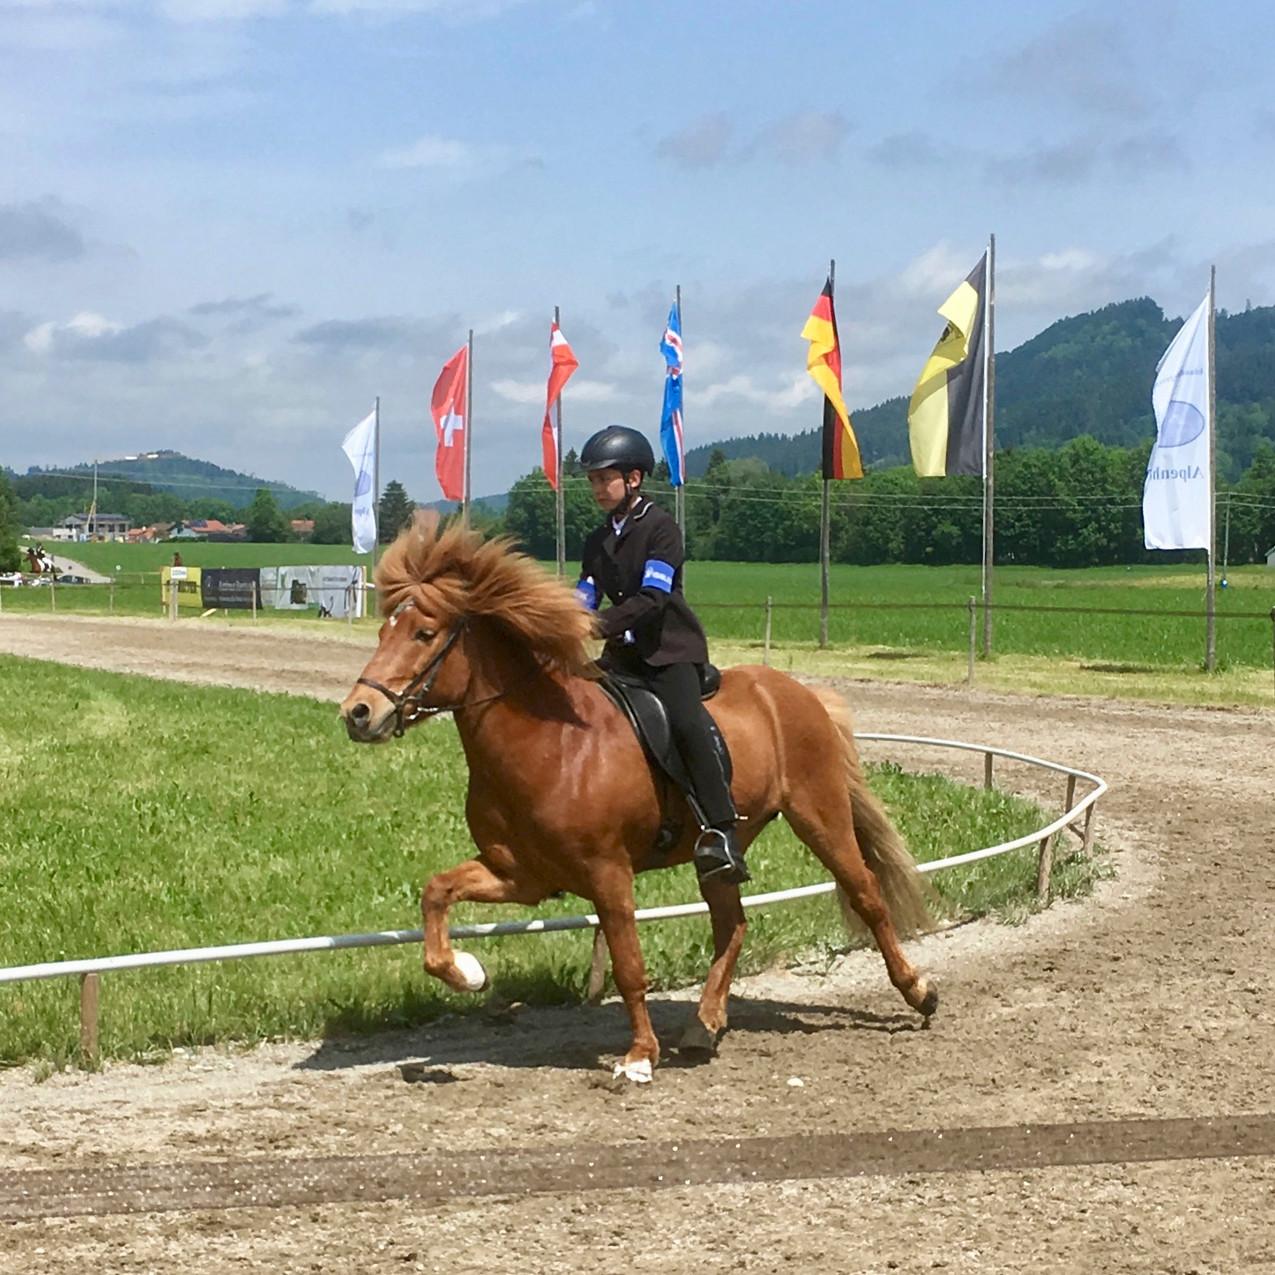 2019.06 - Alpenhof Turnioer - 3